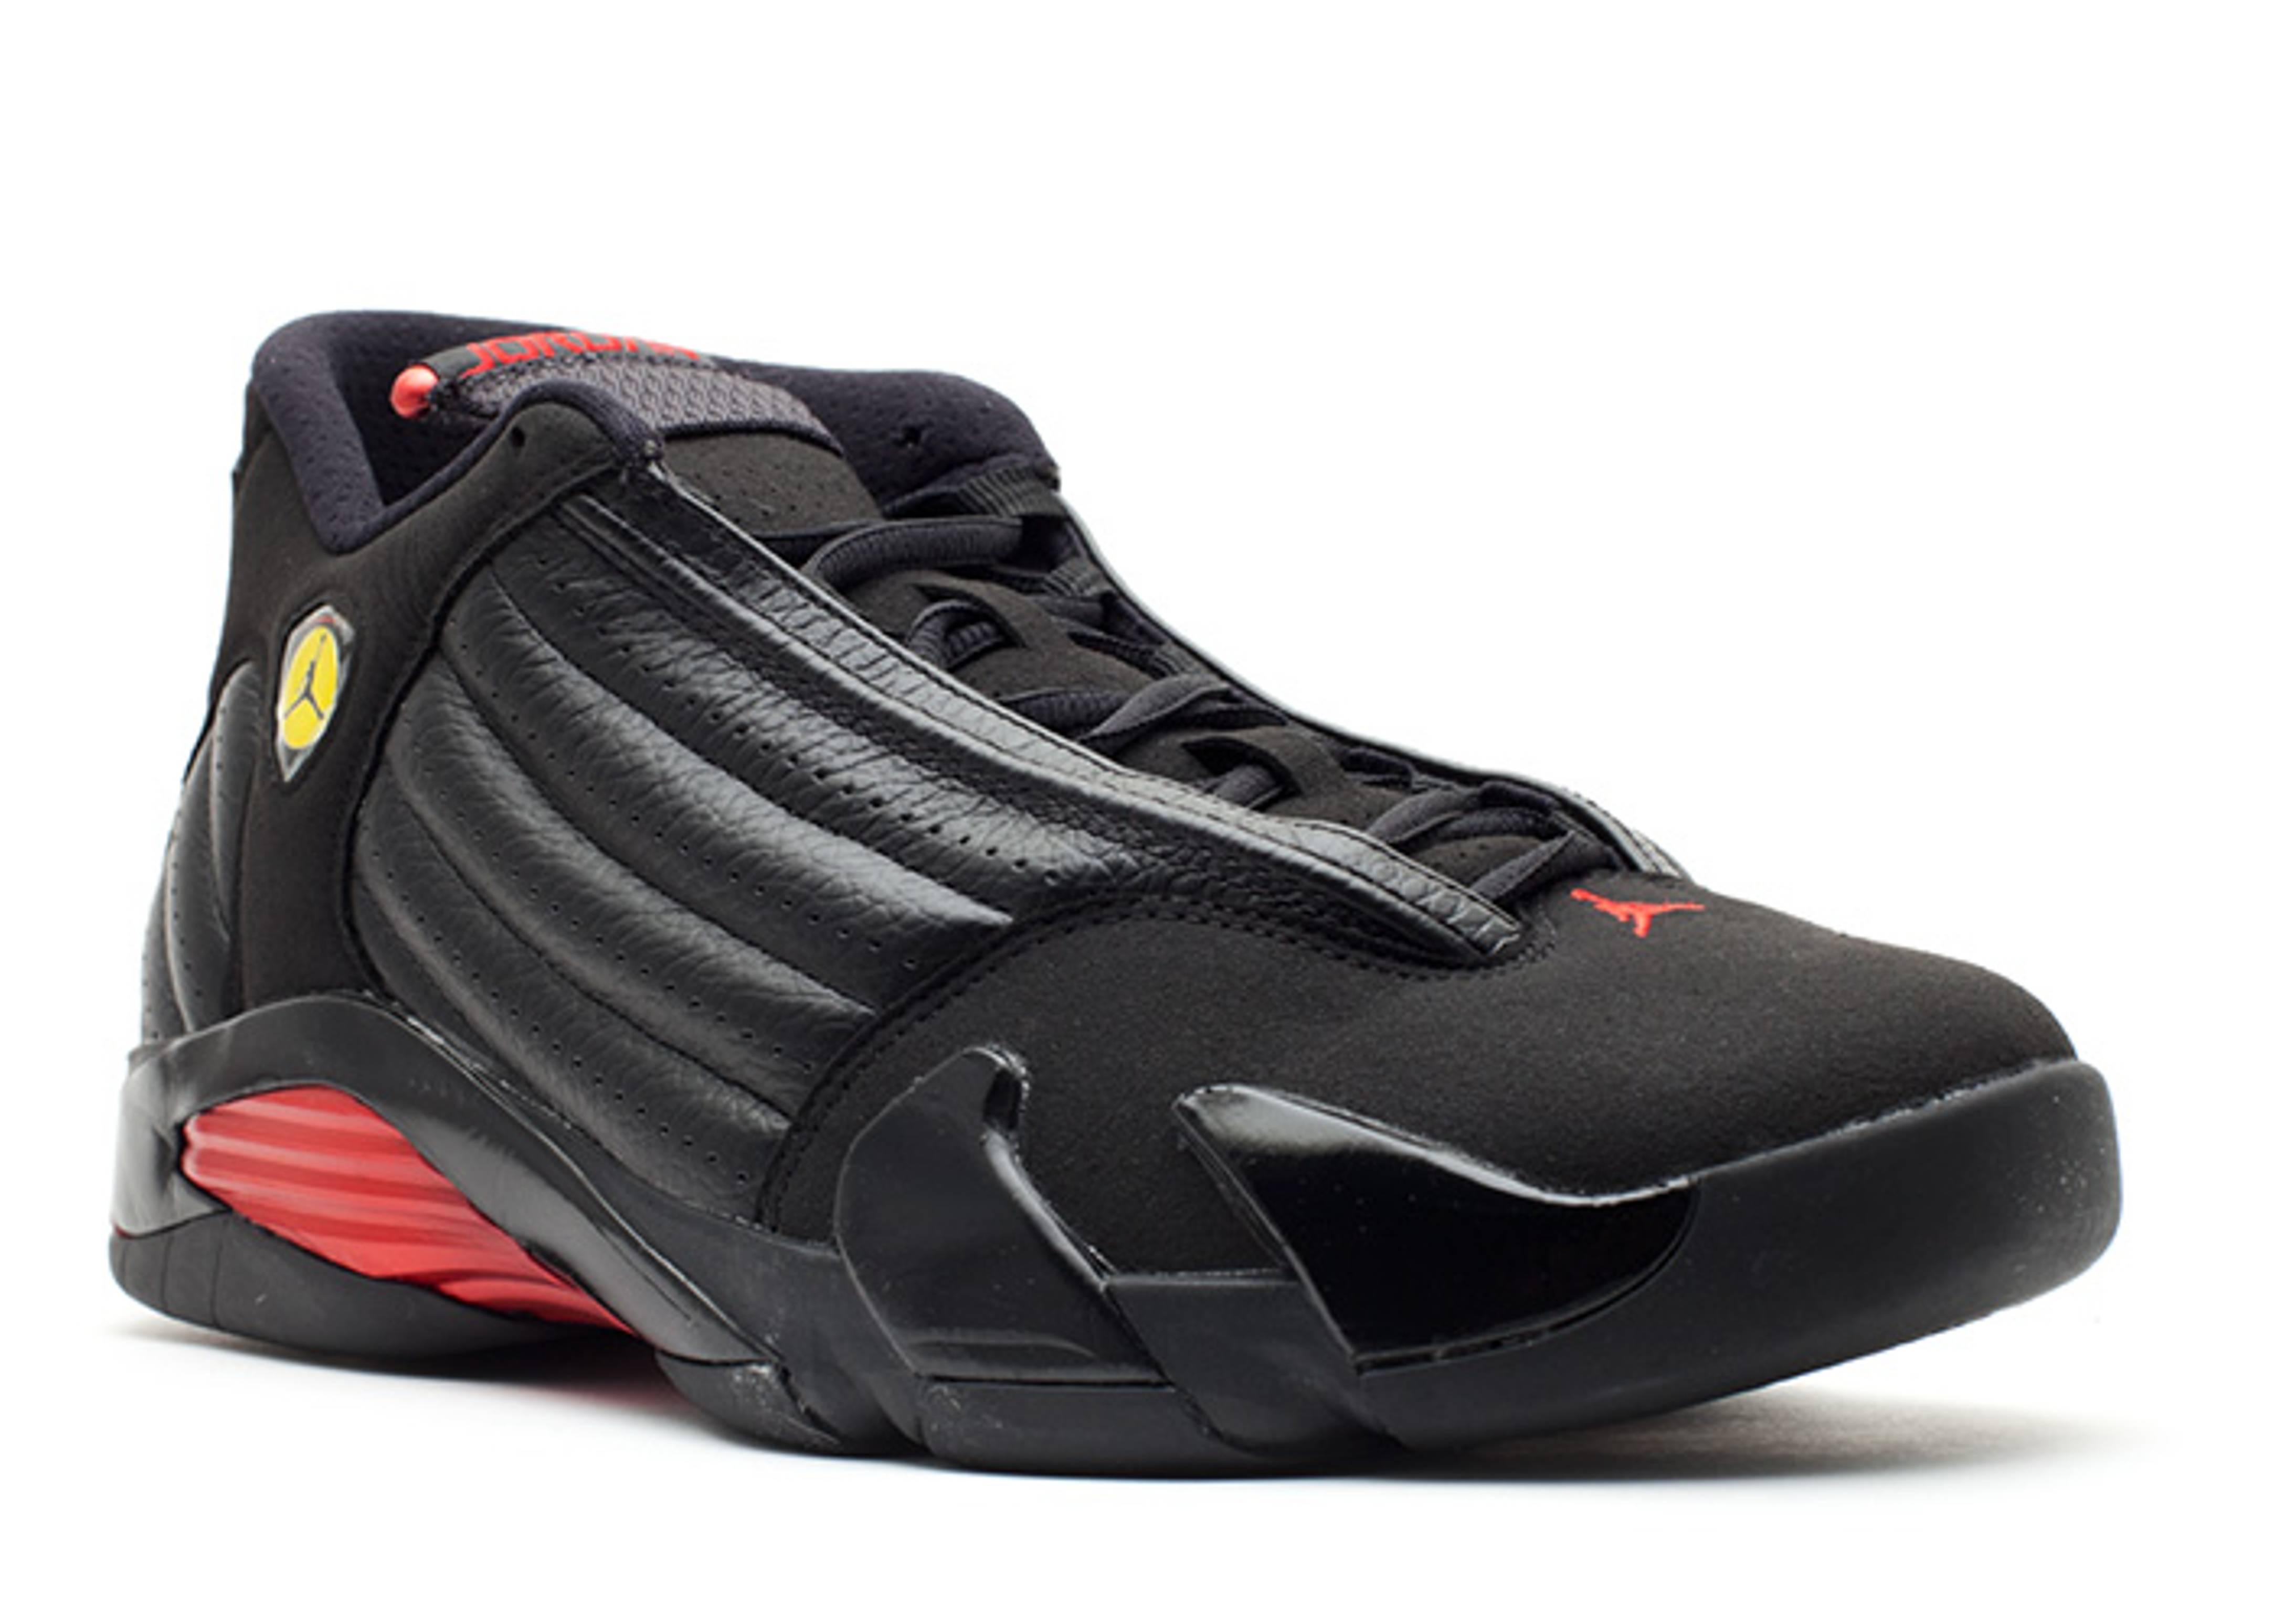 becbce2a3ce Air Jordan 14 Retro